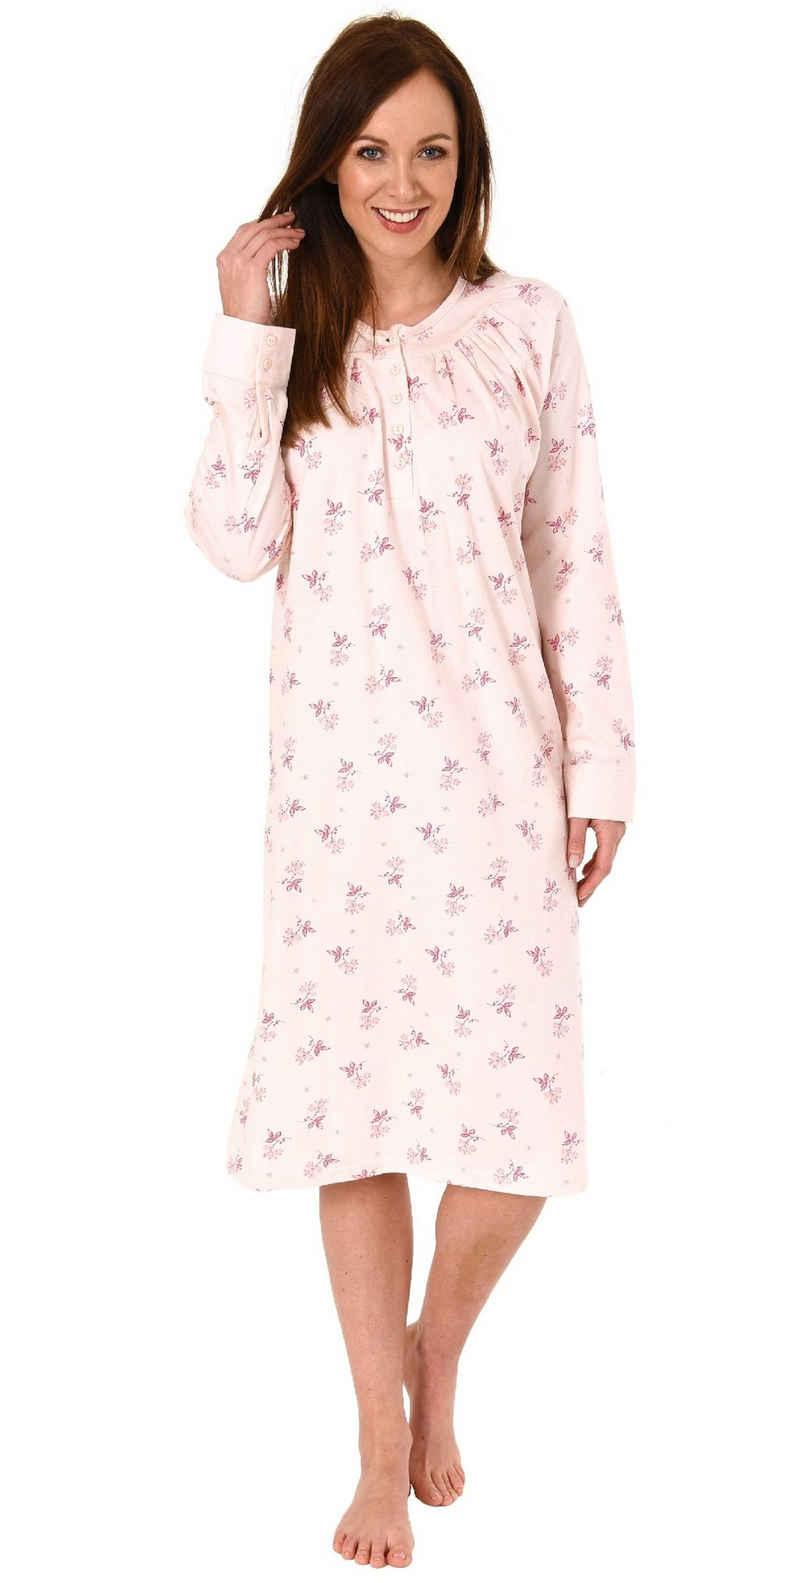 Normann Nachthemd »Elegantes Damen Nachthemd mit 105 cm Länge und Kopfleiste am Hals - 291 210 90 190«